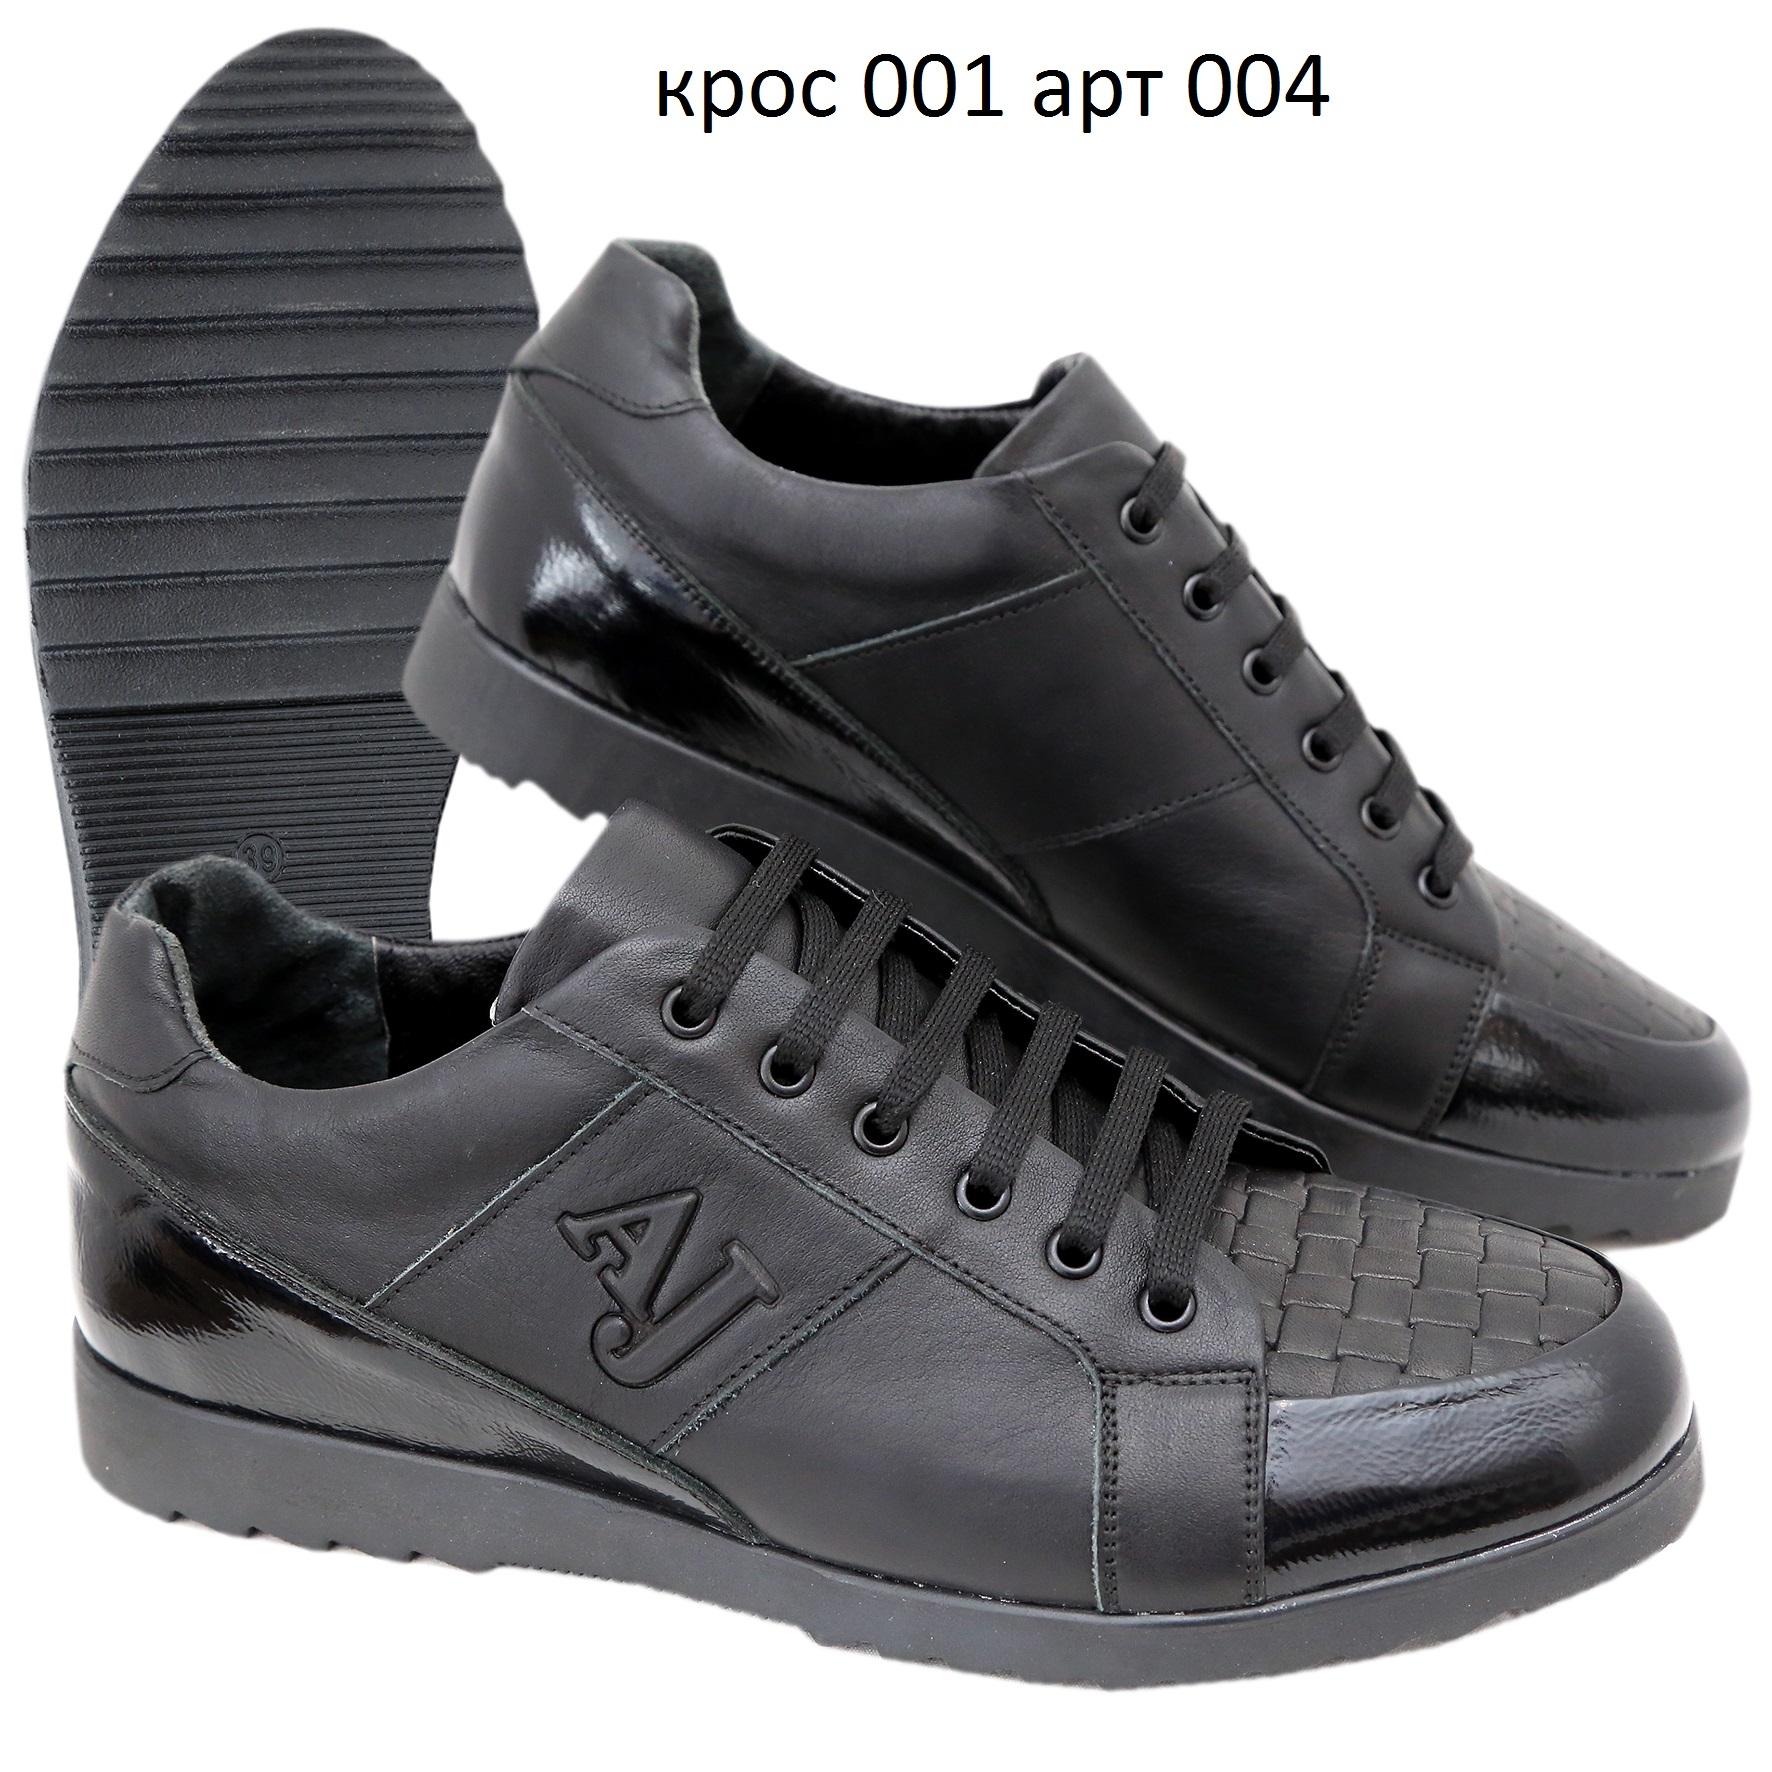 bce54ba52 Купить кроссовки 001 Арт 004 от производителя Бизон - Обувная ...